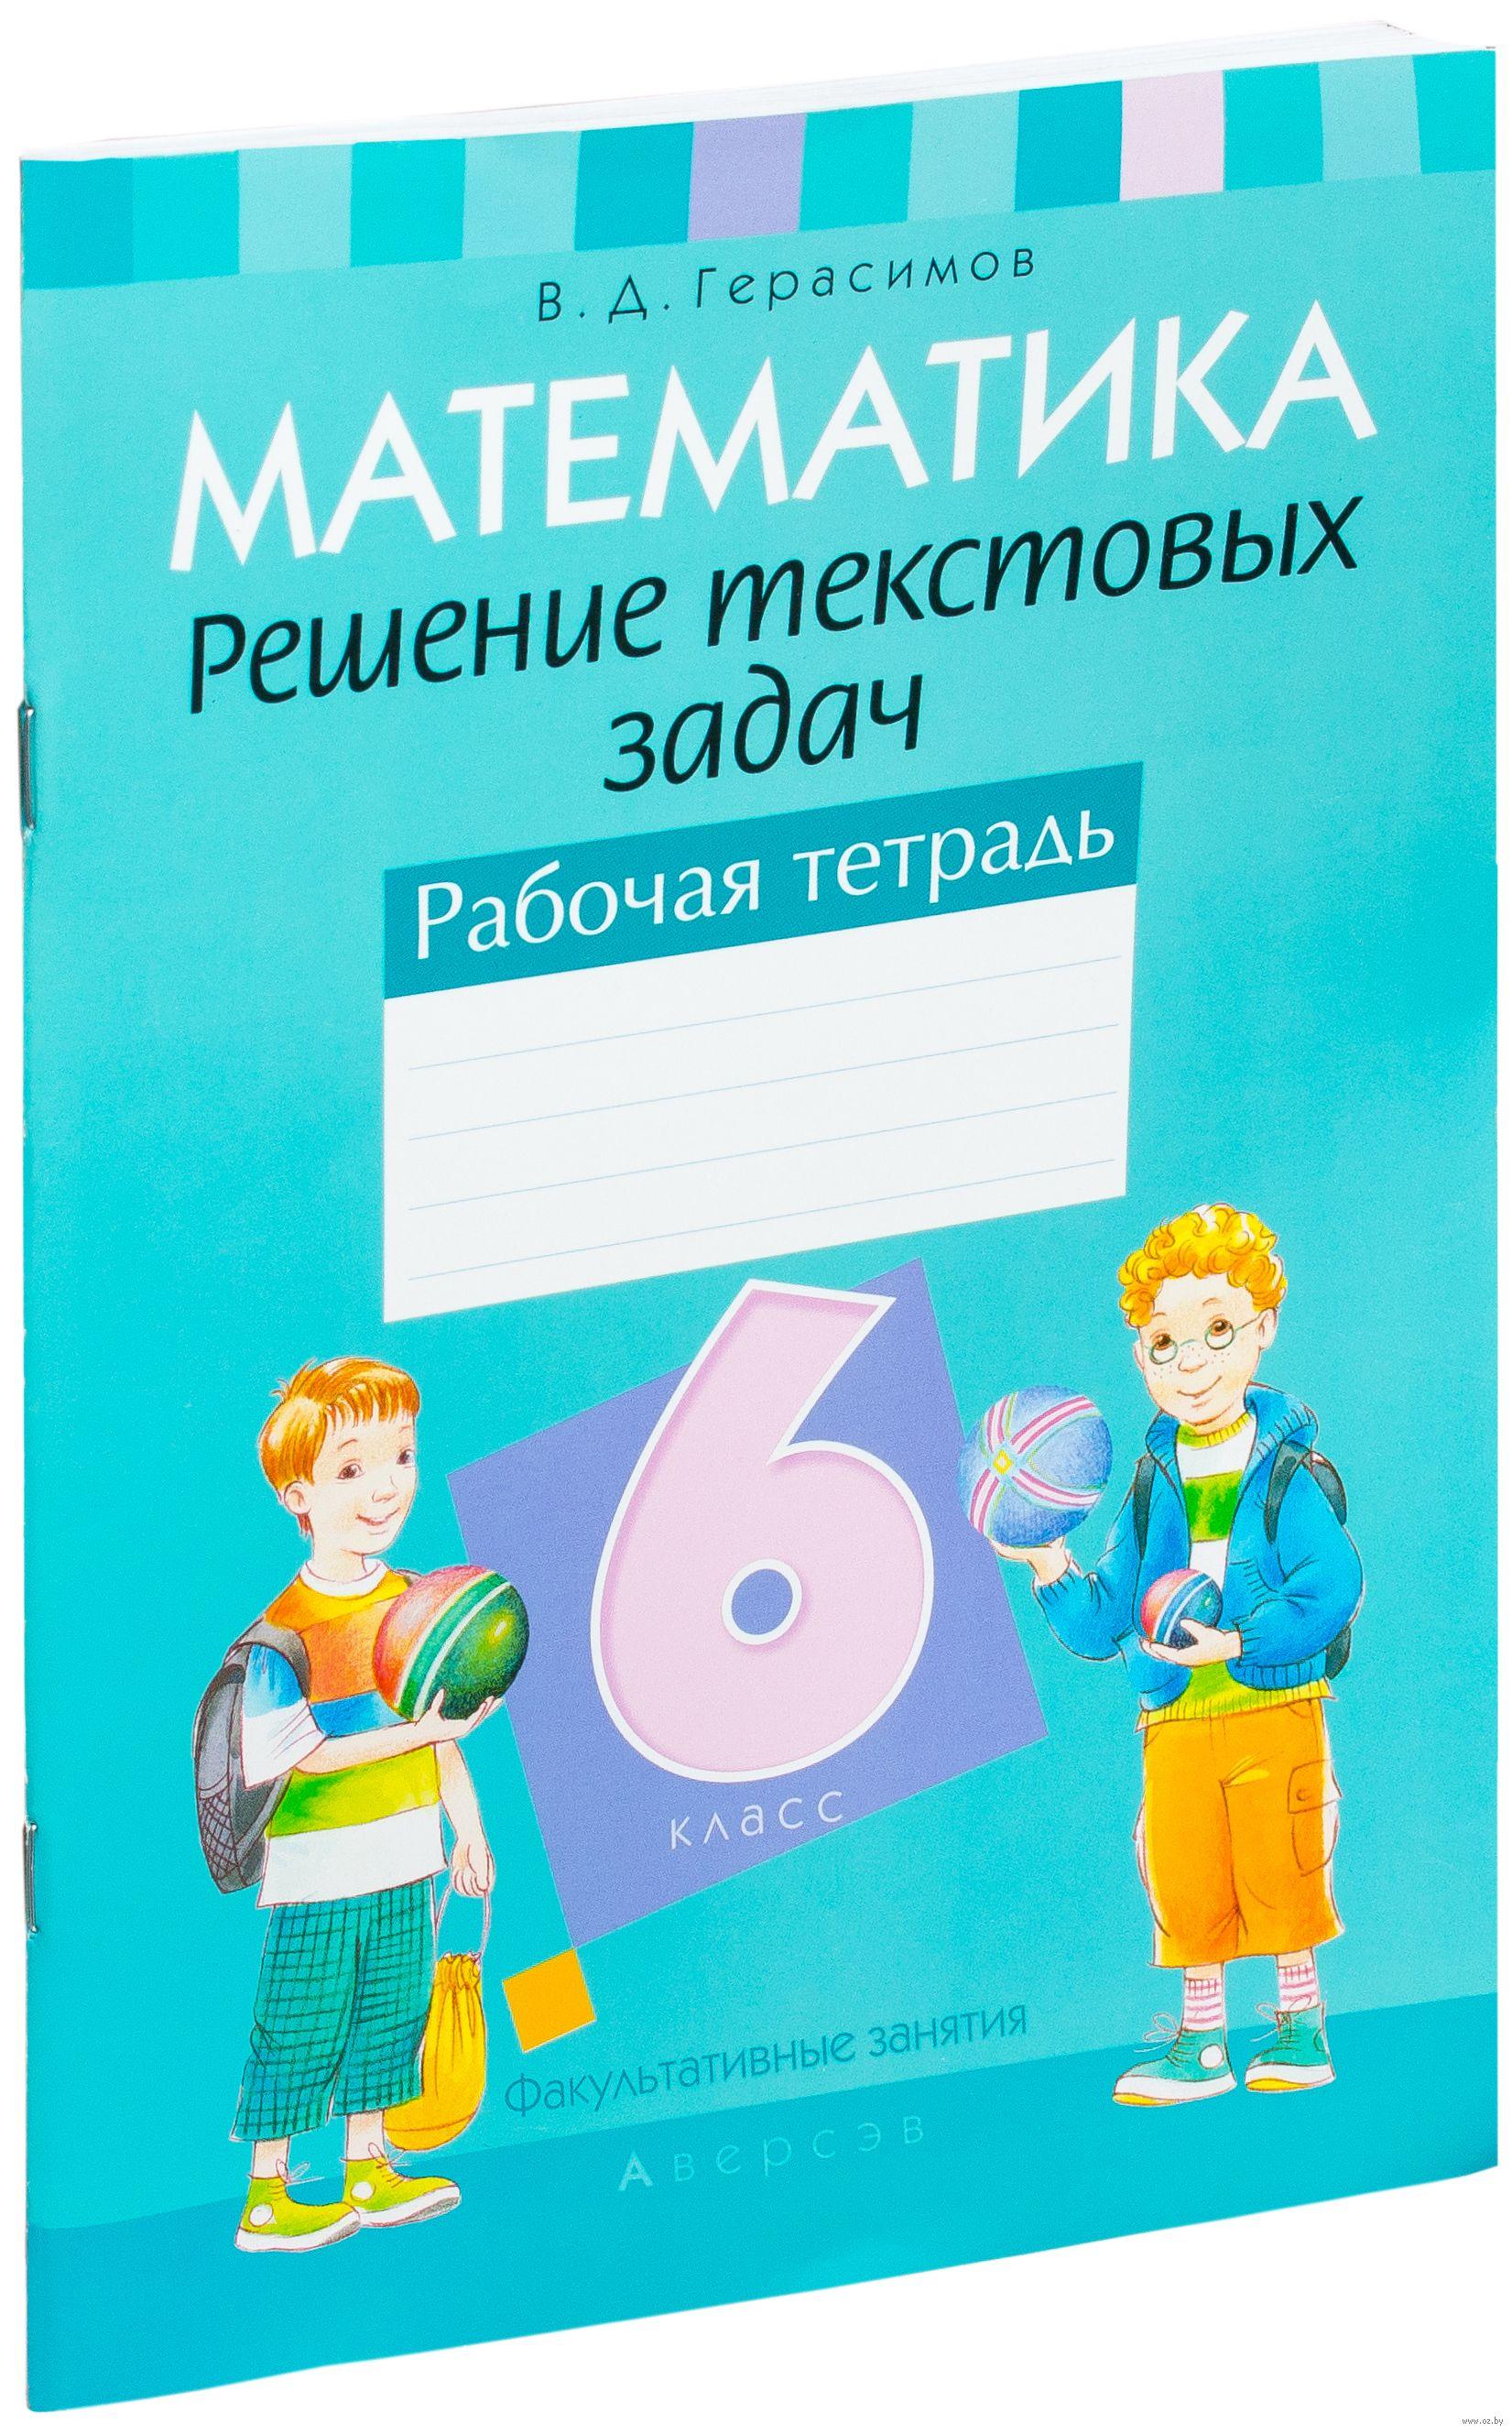 Математика 4 Класс Решение Текстовых Задач Решебник В.д.герасимов